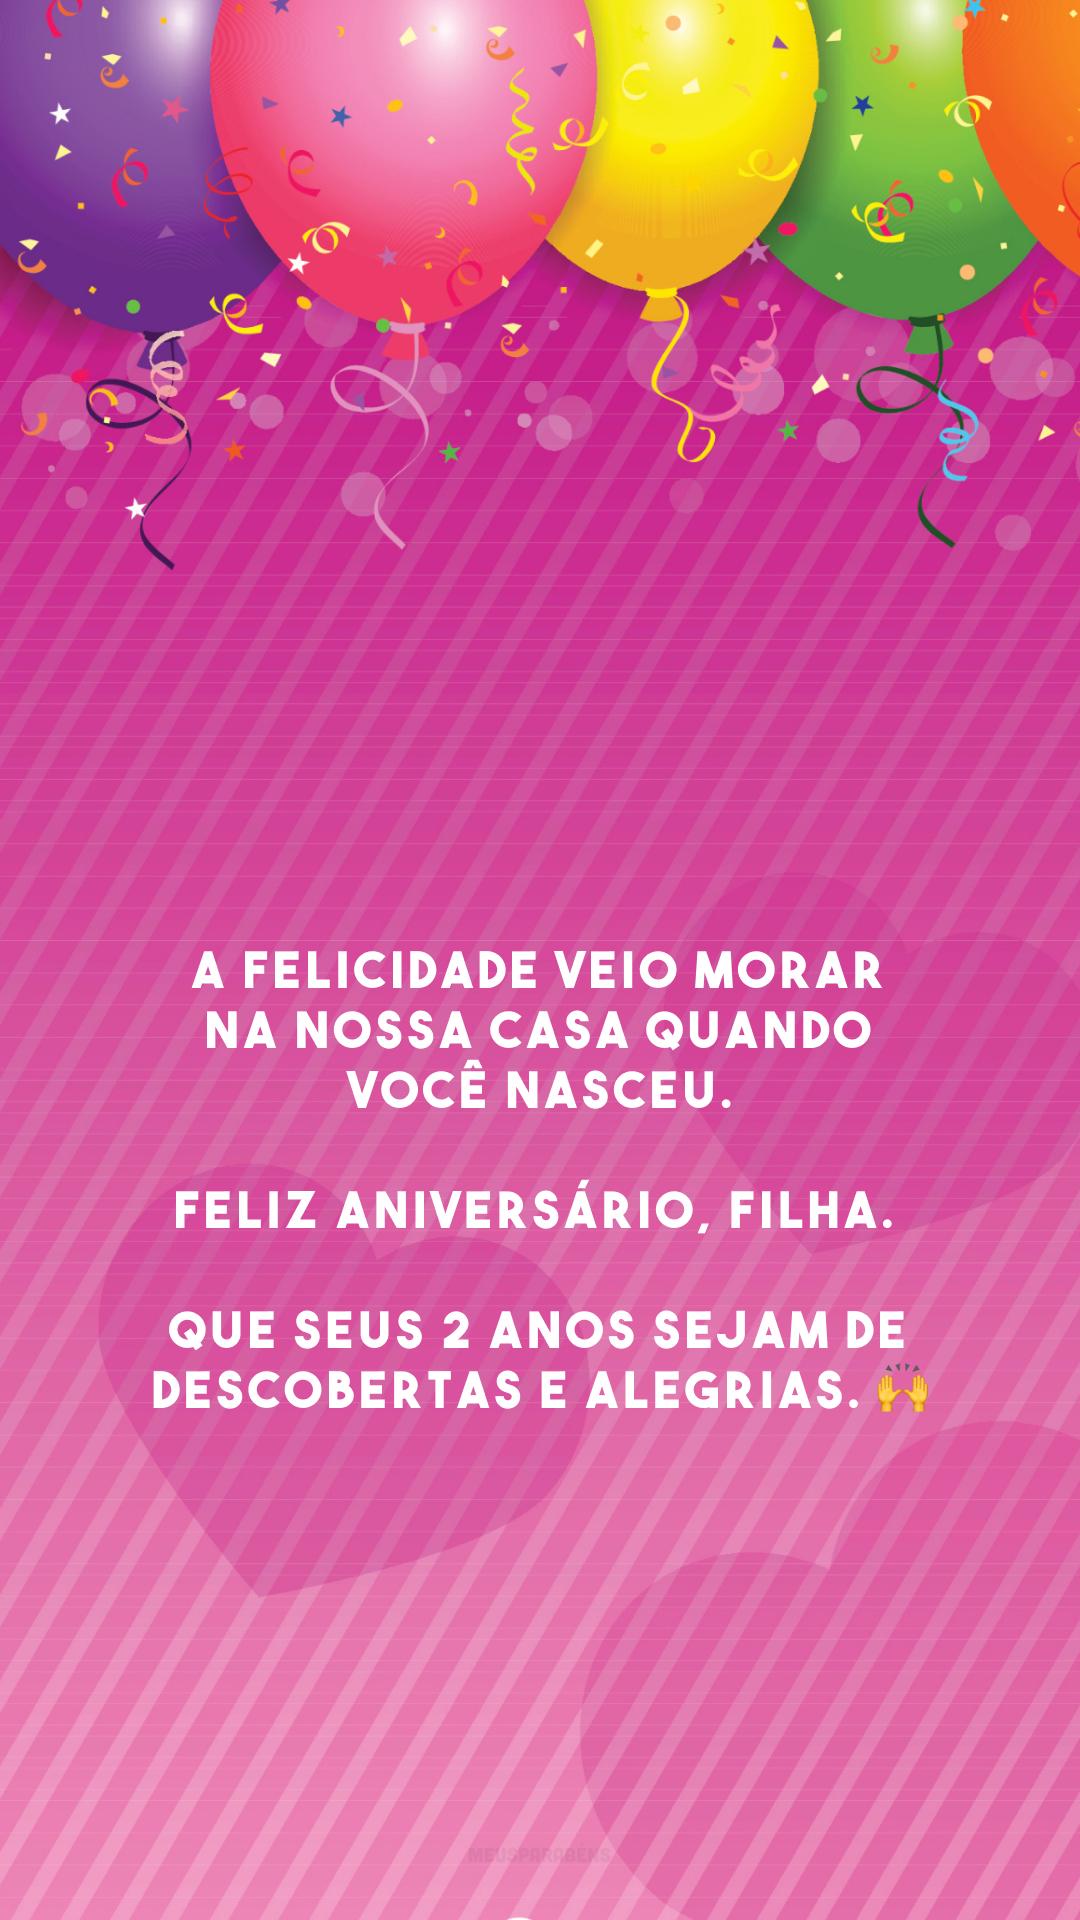 A felicidade veio morar na nossa casa quando você nasceu. Feliz aniversário, filha. Que seus 2 anos sejam de descobertas e alegrias. 🙌